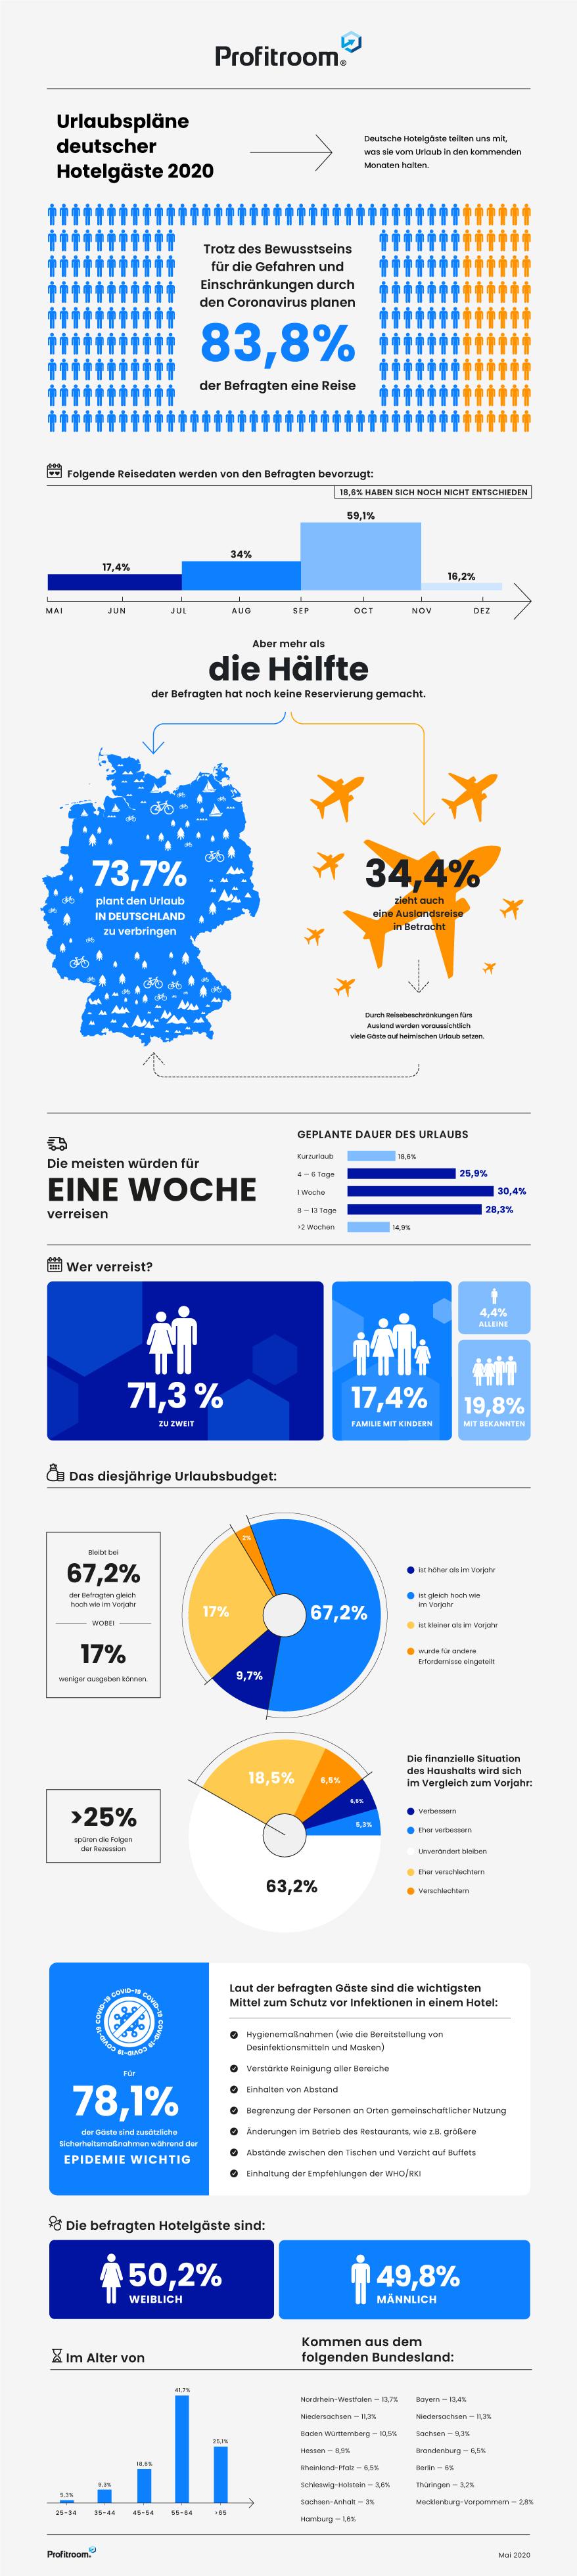 Deutschlandweite Gästebefragung zum Urlaub 2020 - Ergebnisse einer bundesweiten Umfrage